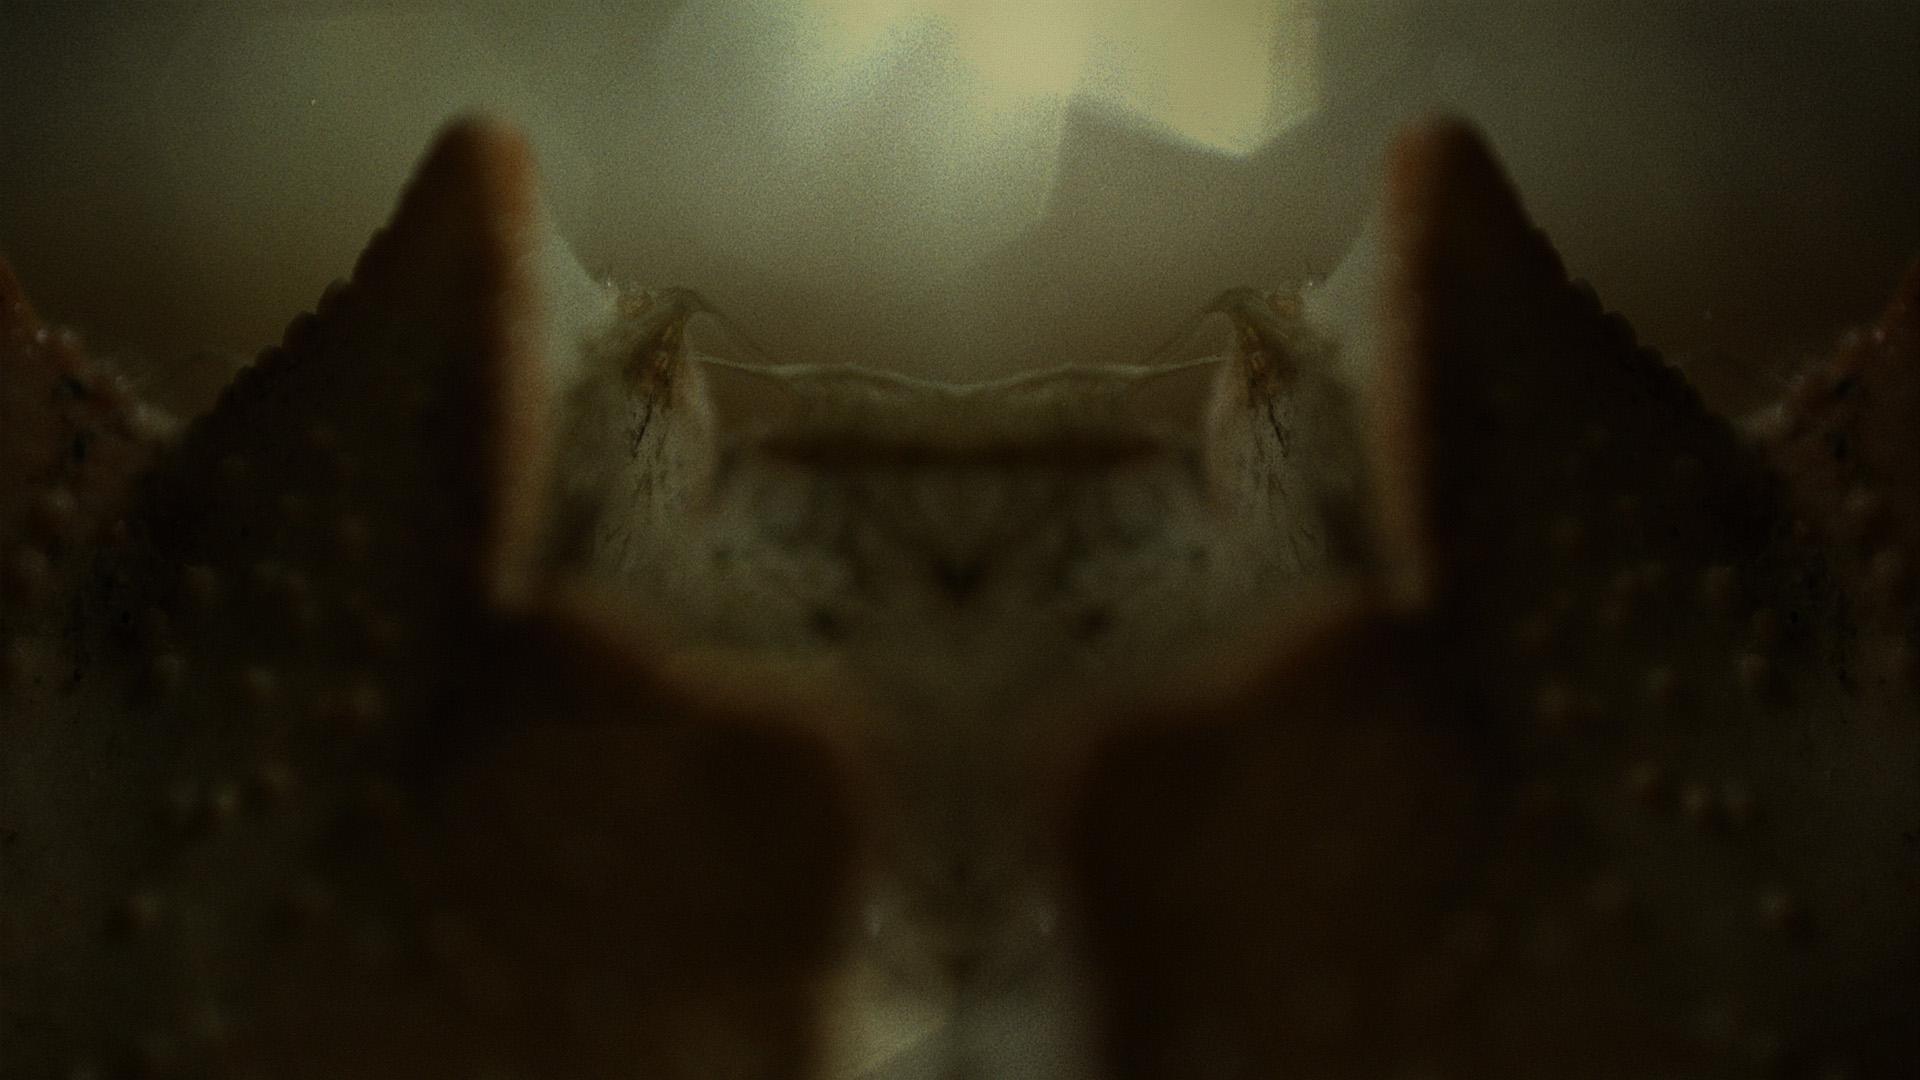 Macro_Crab_Legs_Stills_16.jpg